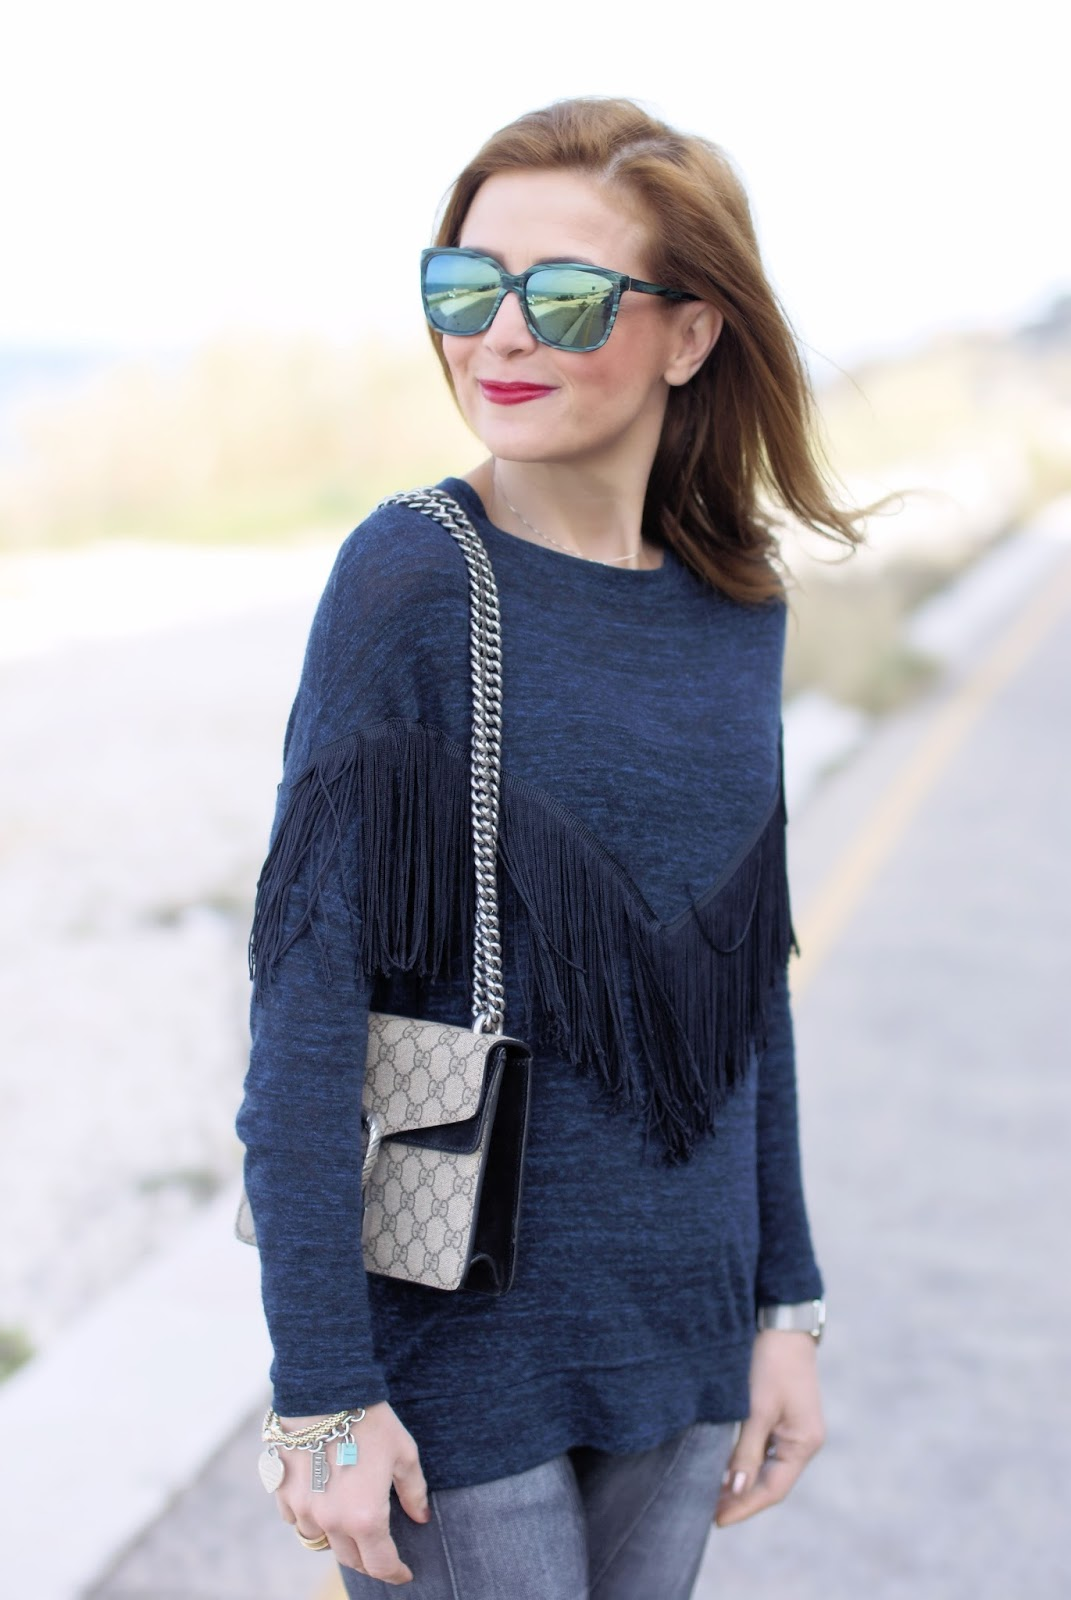 Urban cowgirl fashion: western inspiration